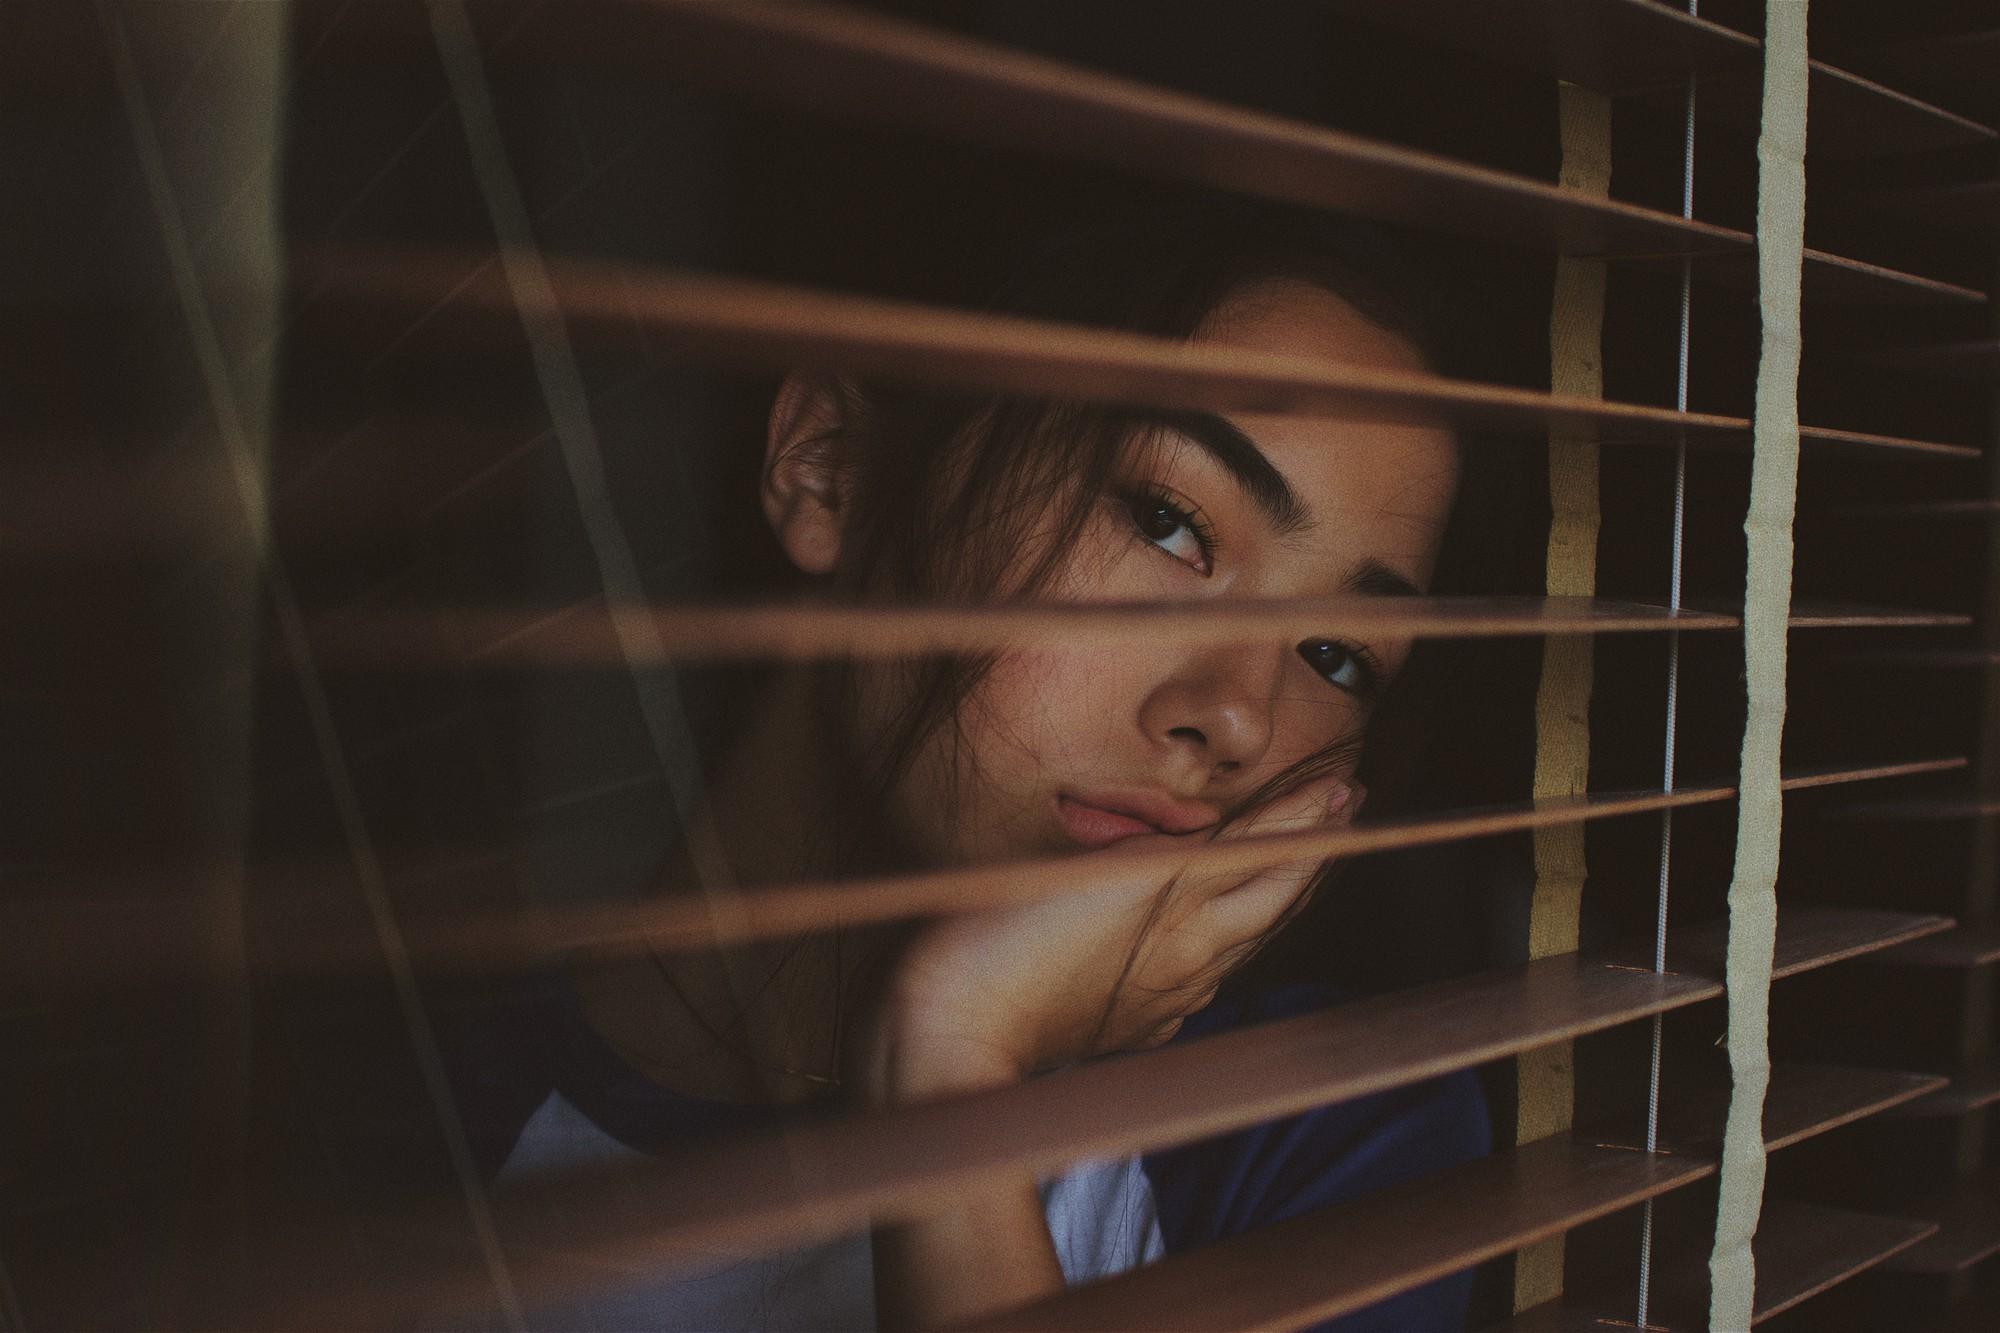 Bài viết gây sốt mùa họp phụ huynh: Quanh năm vứt con ở trường, đến lúc thầy cô bảo học kém thì mắng con liệu có hợp lý không?-2